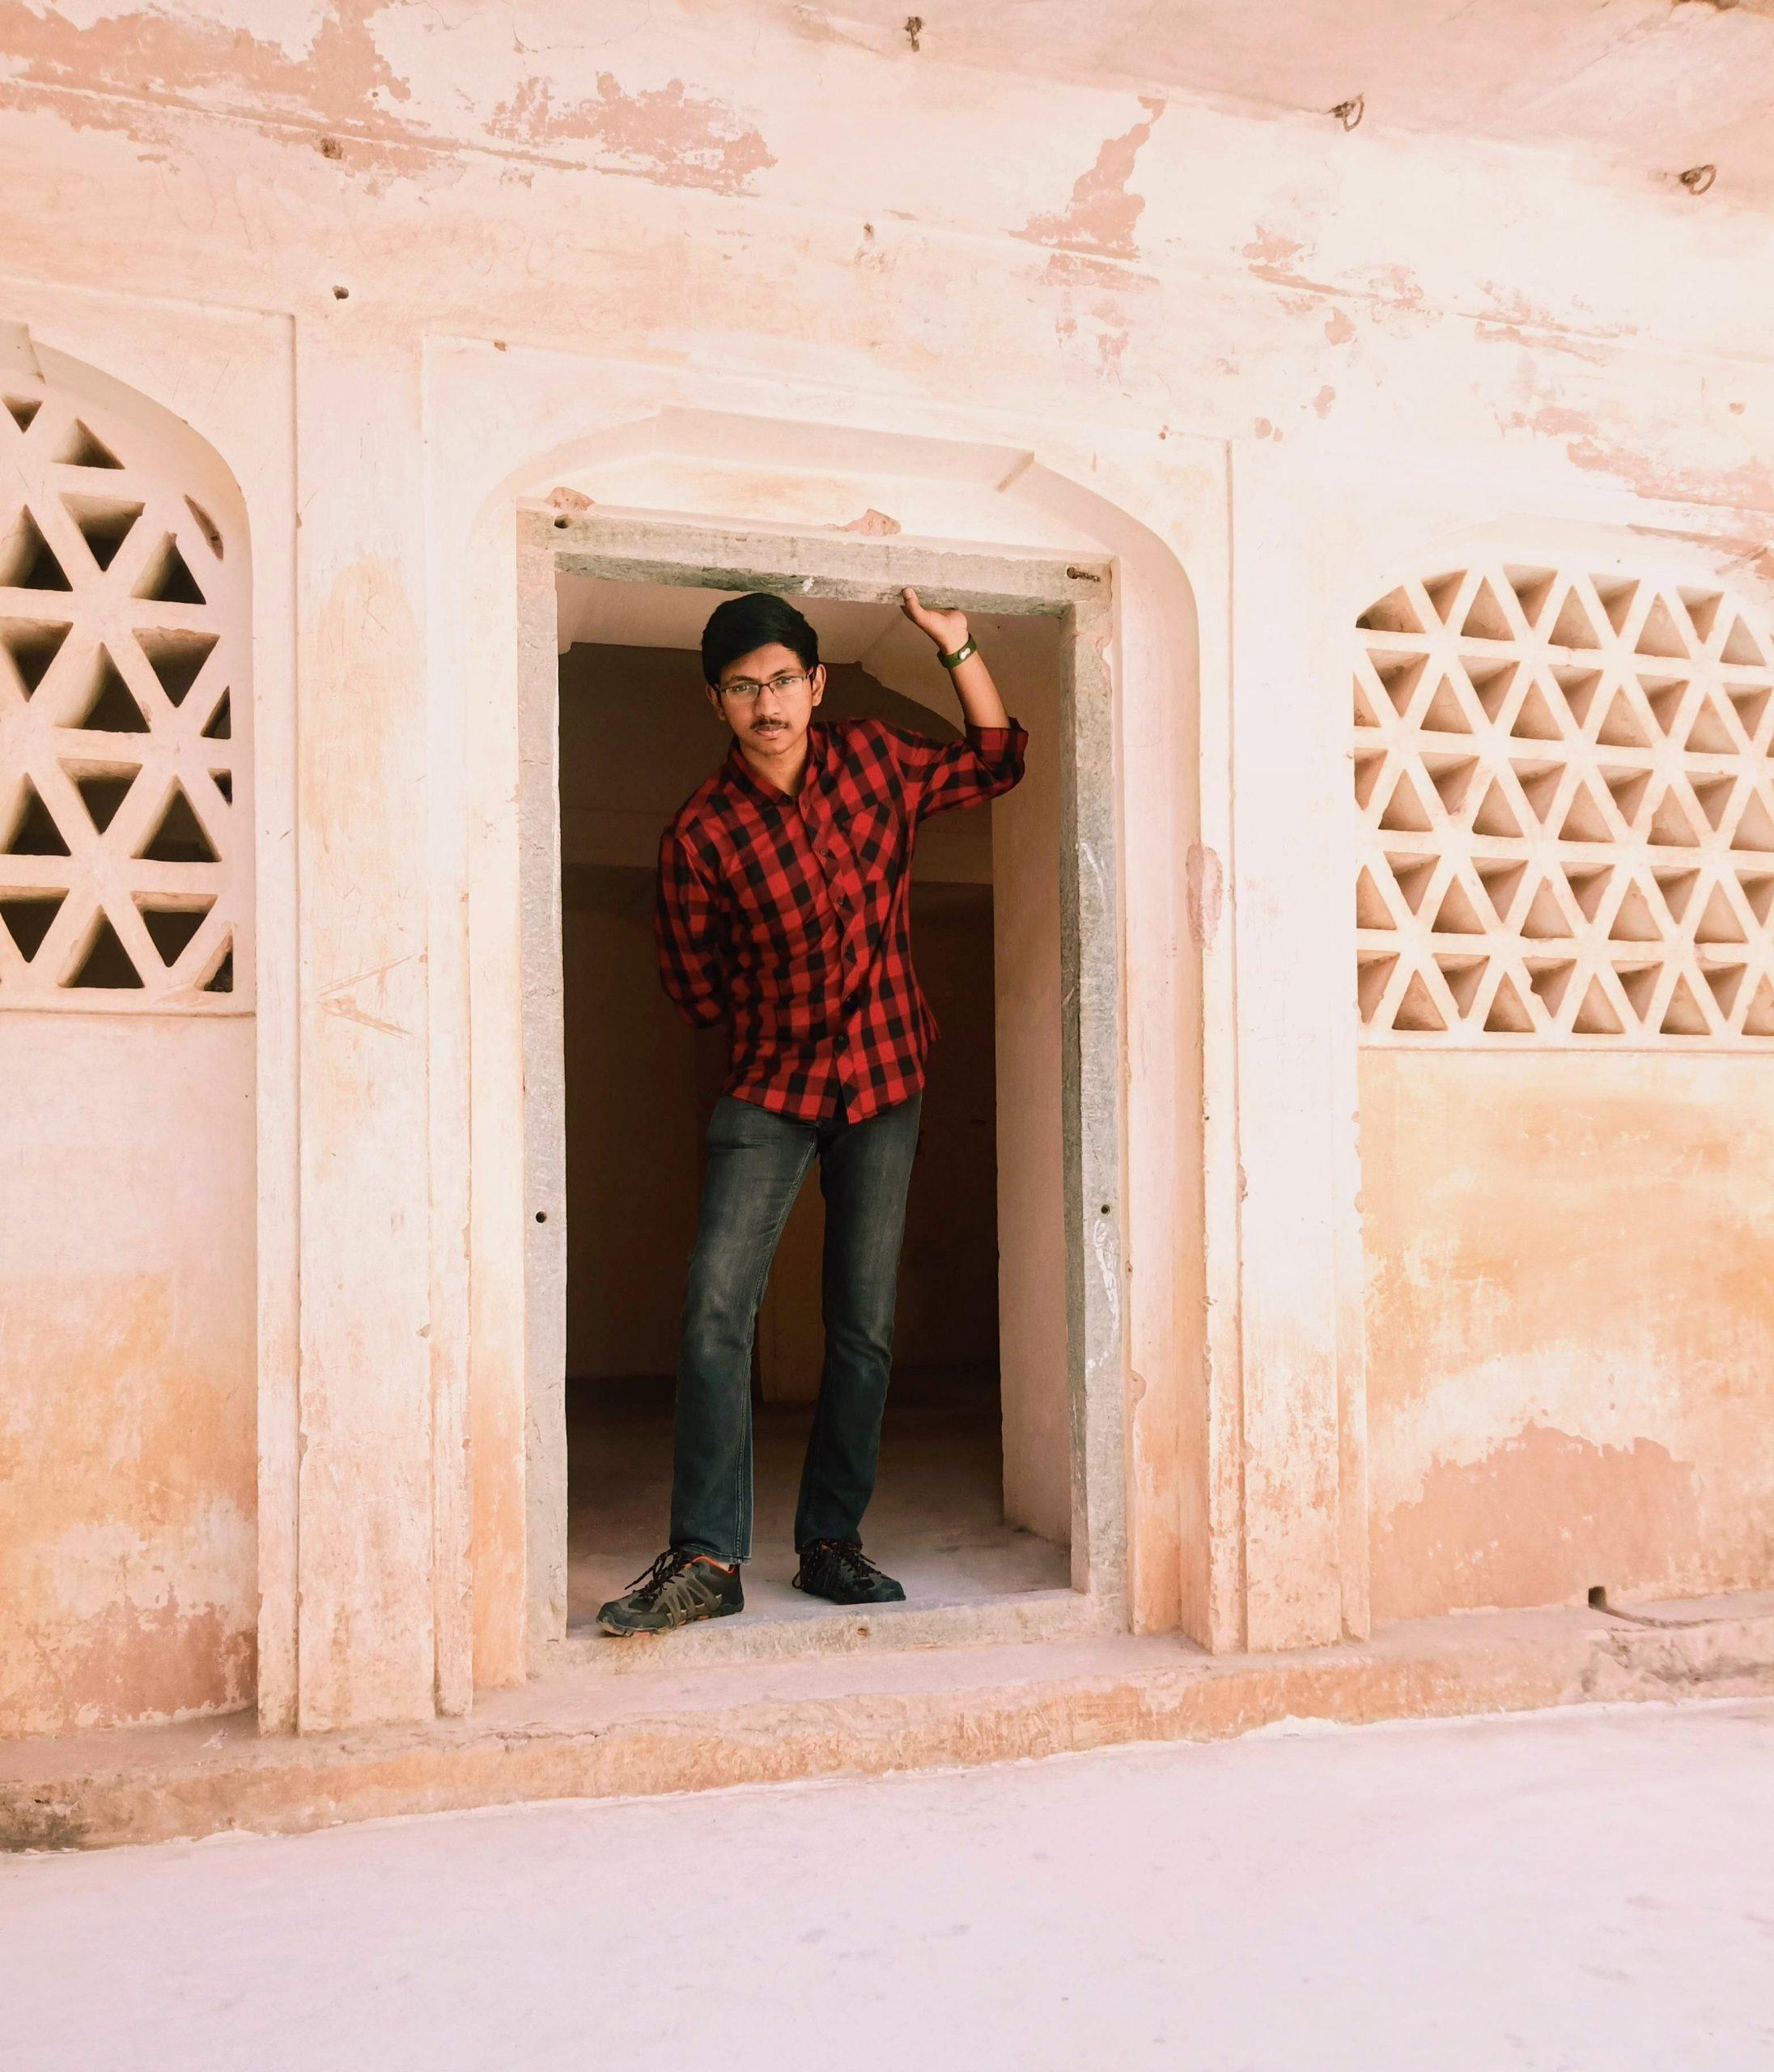 Man Standing in Doorway